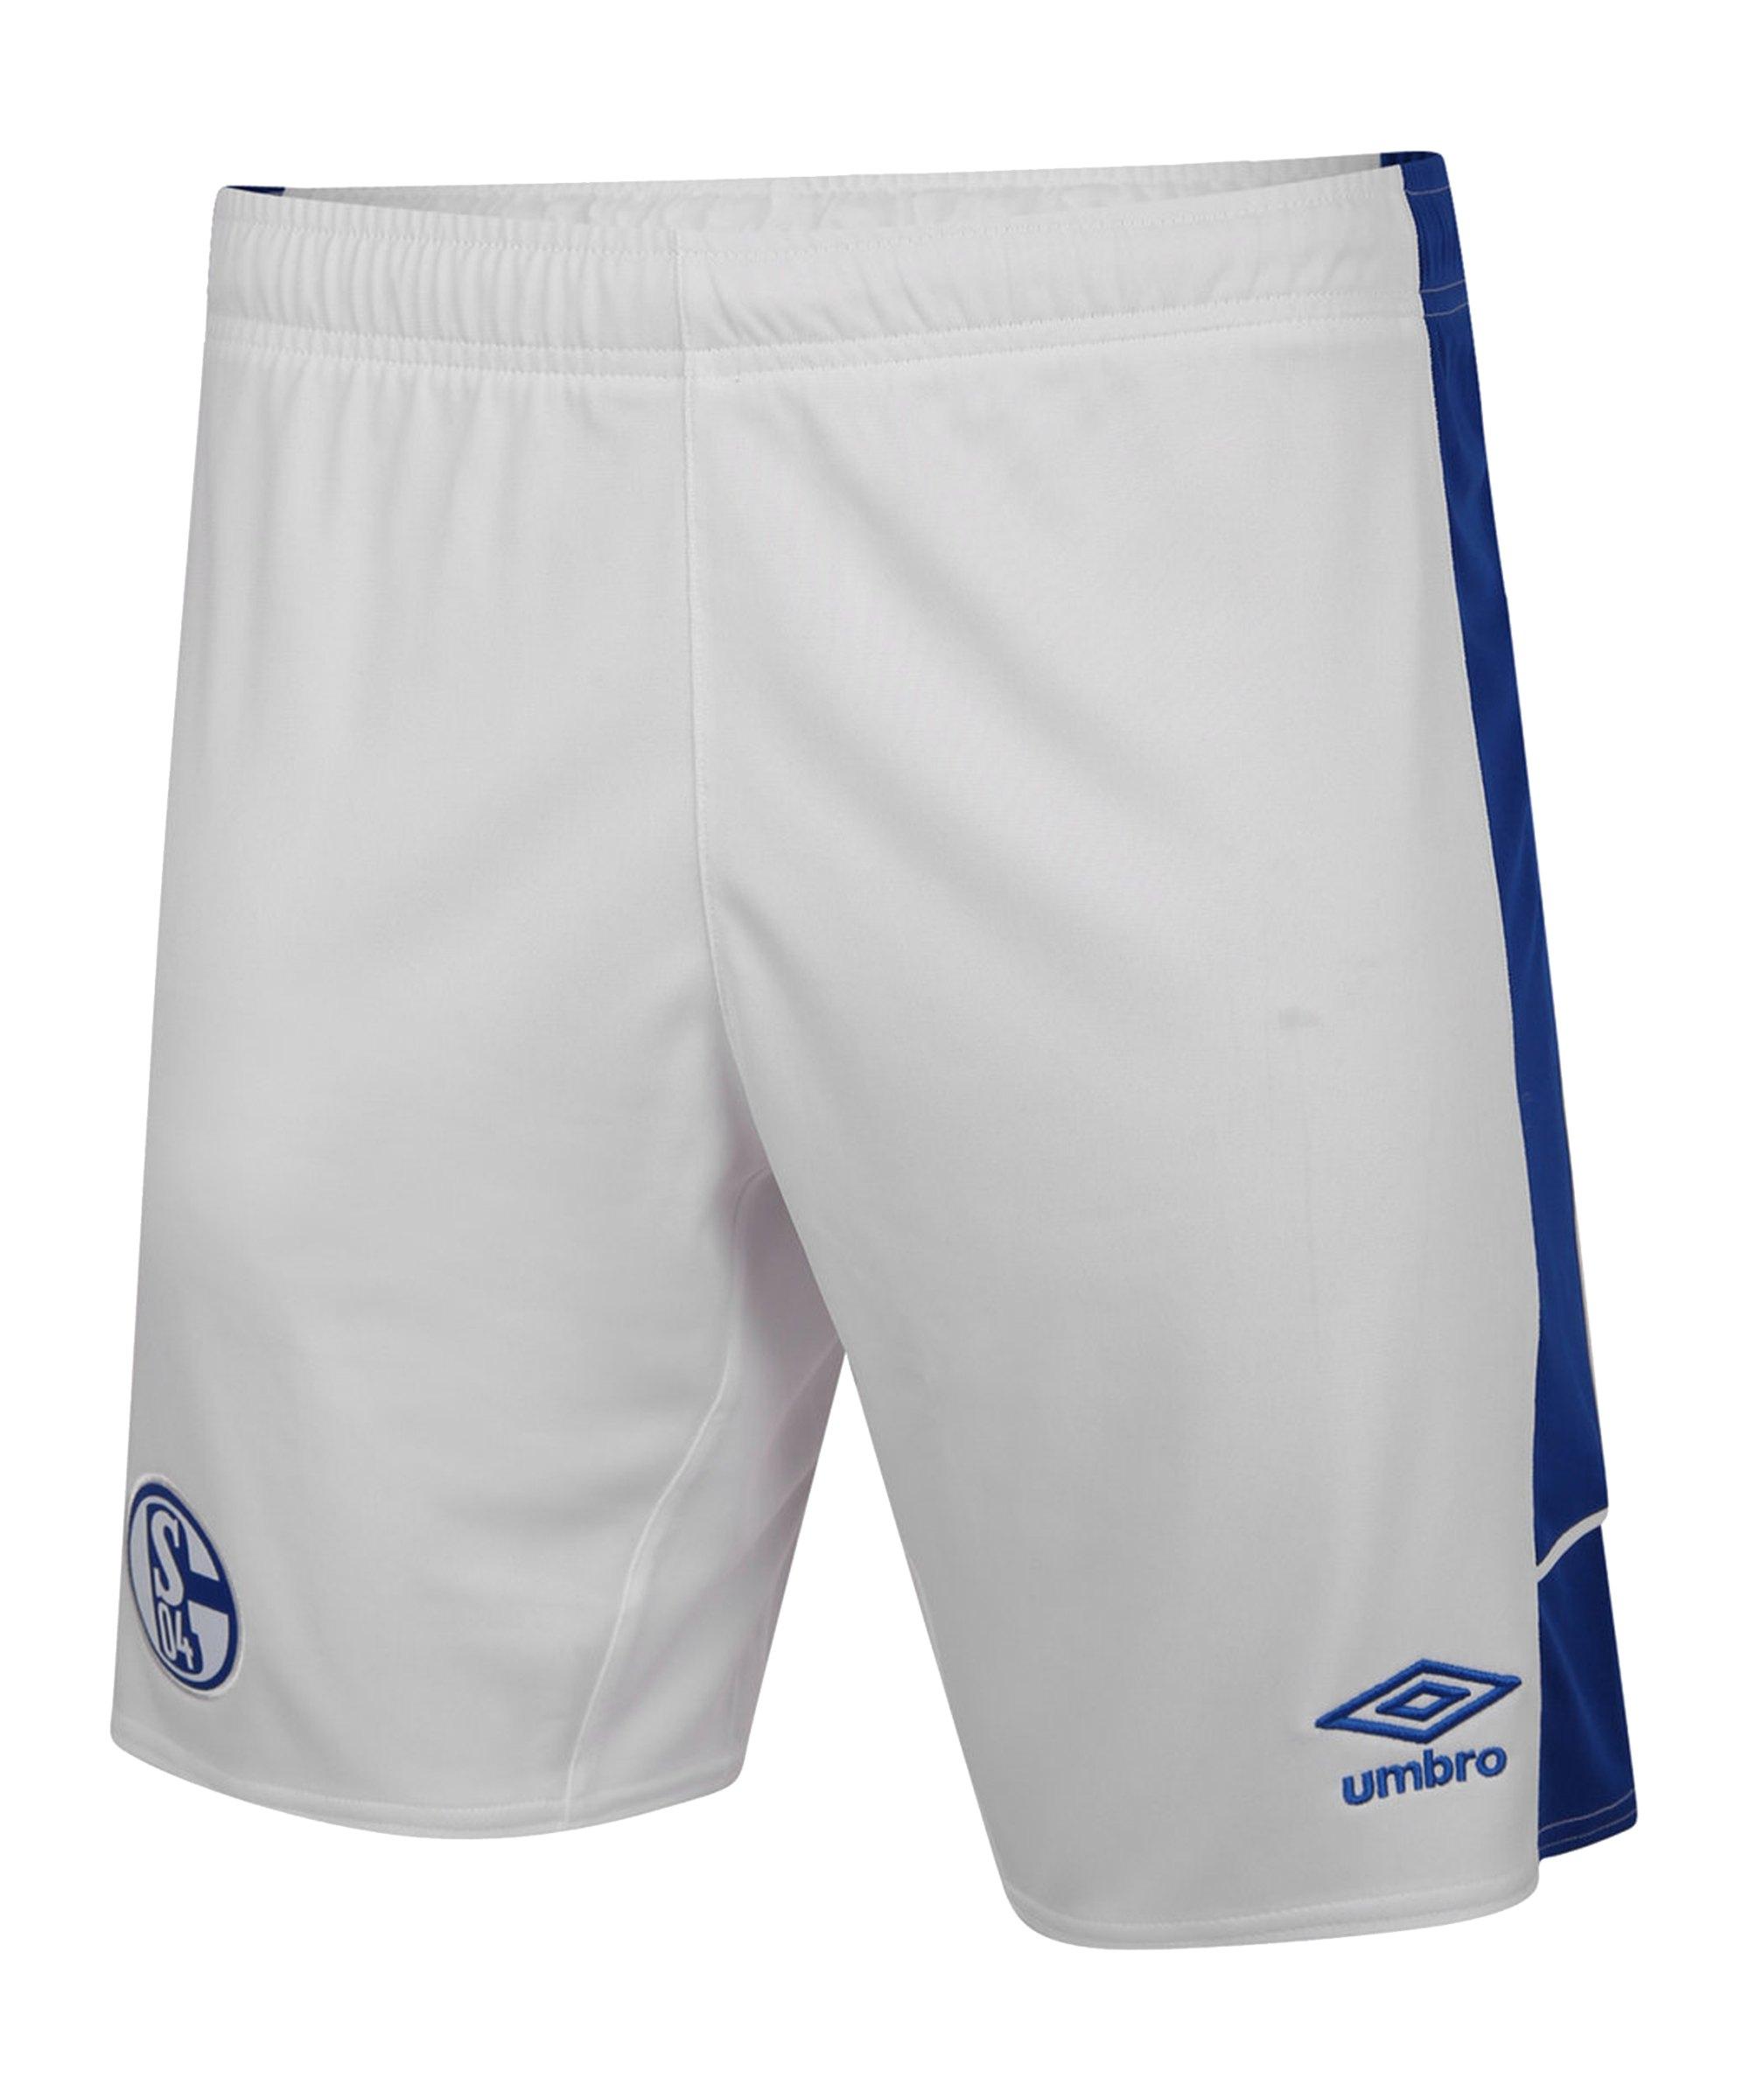 Umbro FC Schalke 04 Short Home 20/21 - weiss